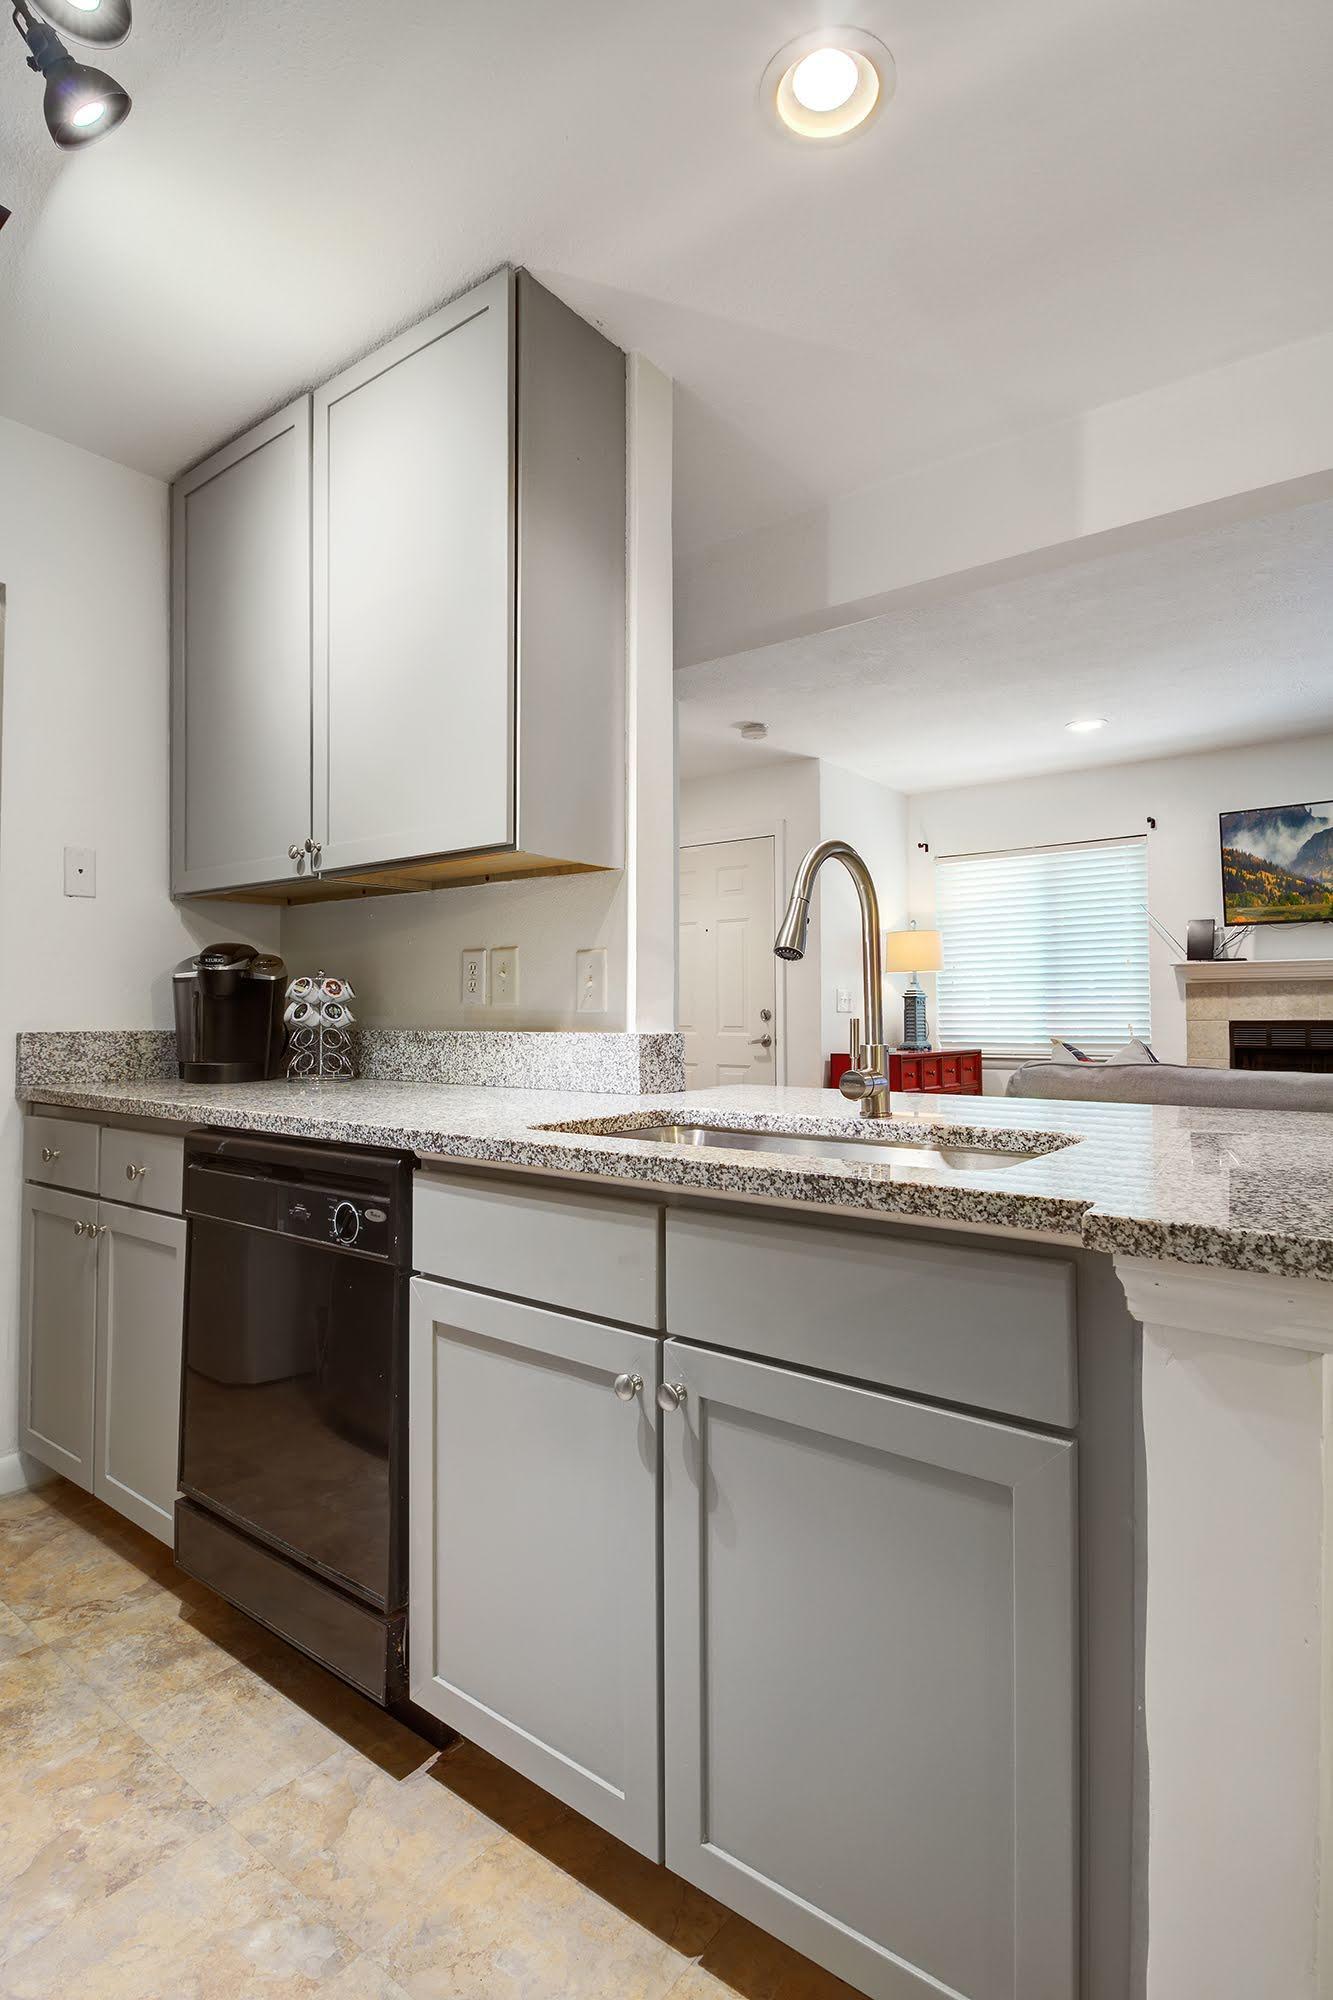 East Bridge Town Lofts Homes For Sale - 273 Alexandra, Mount Pleasant, SC - 3